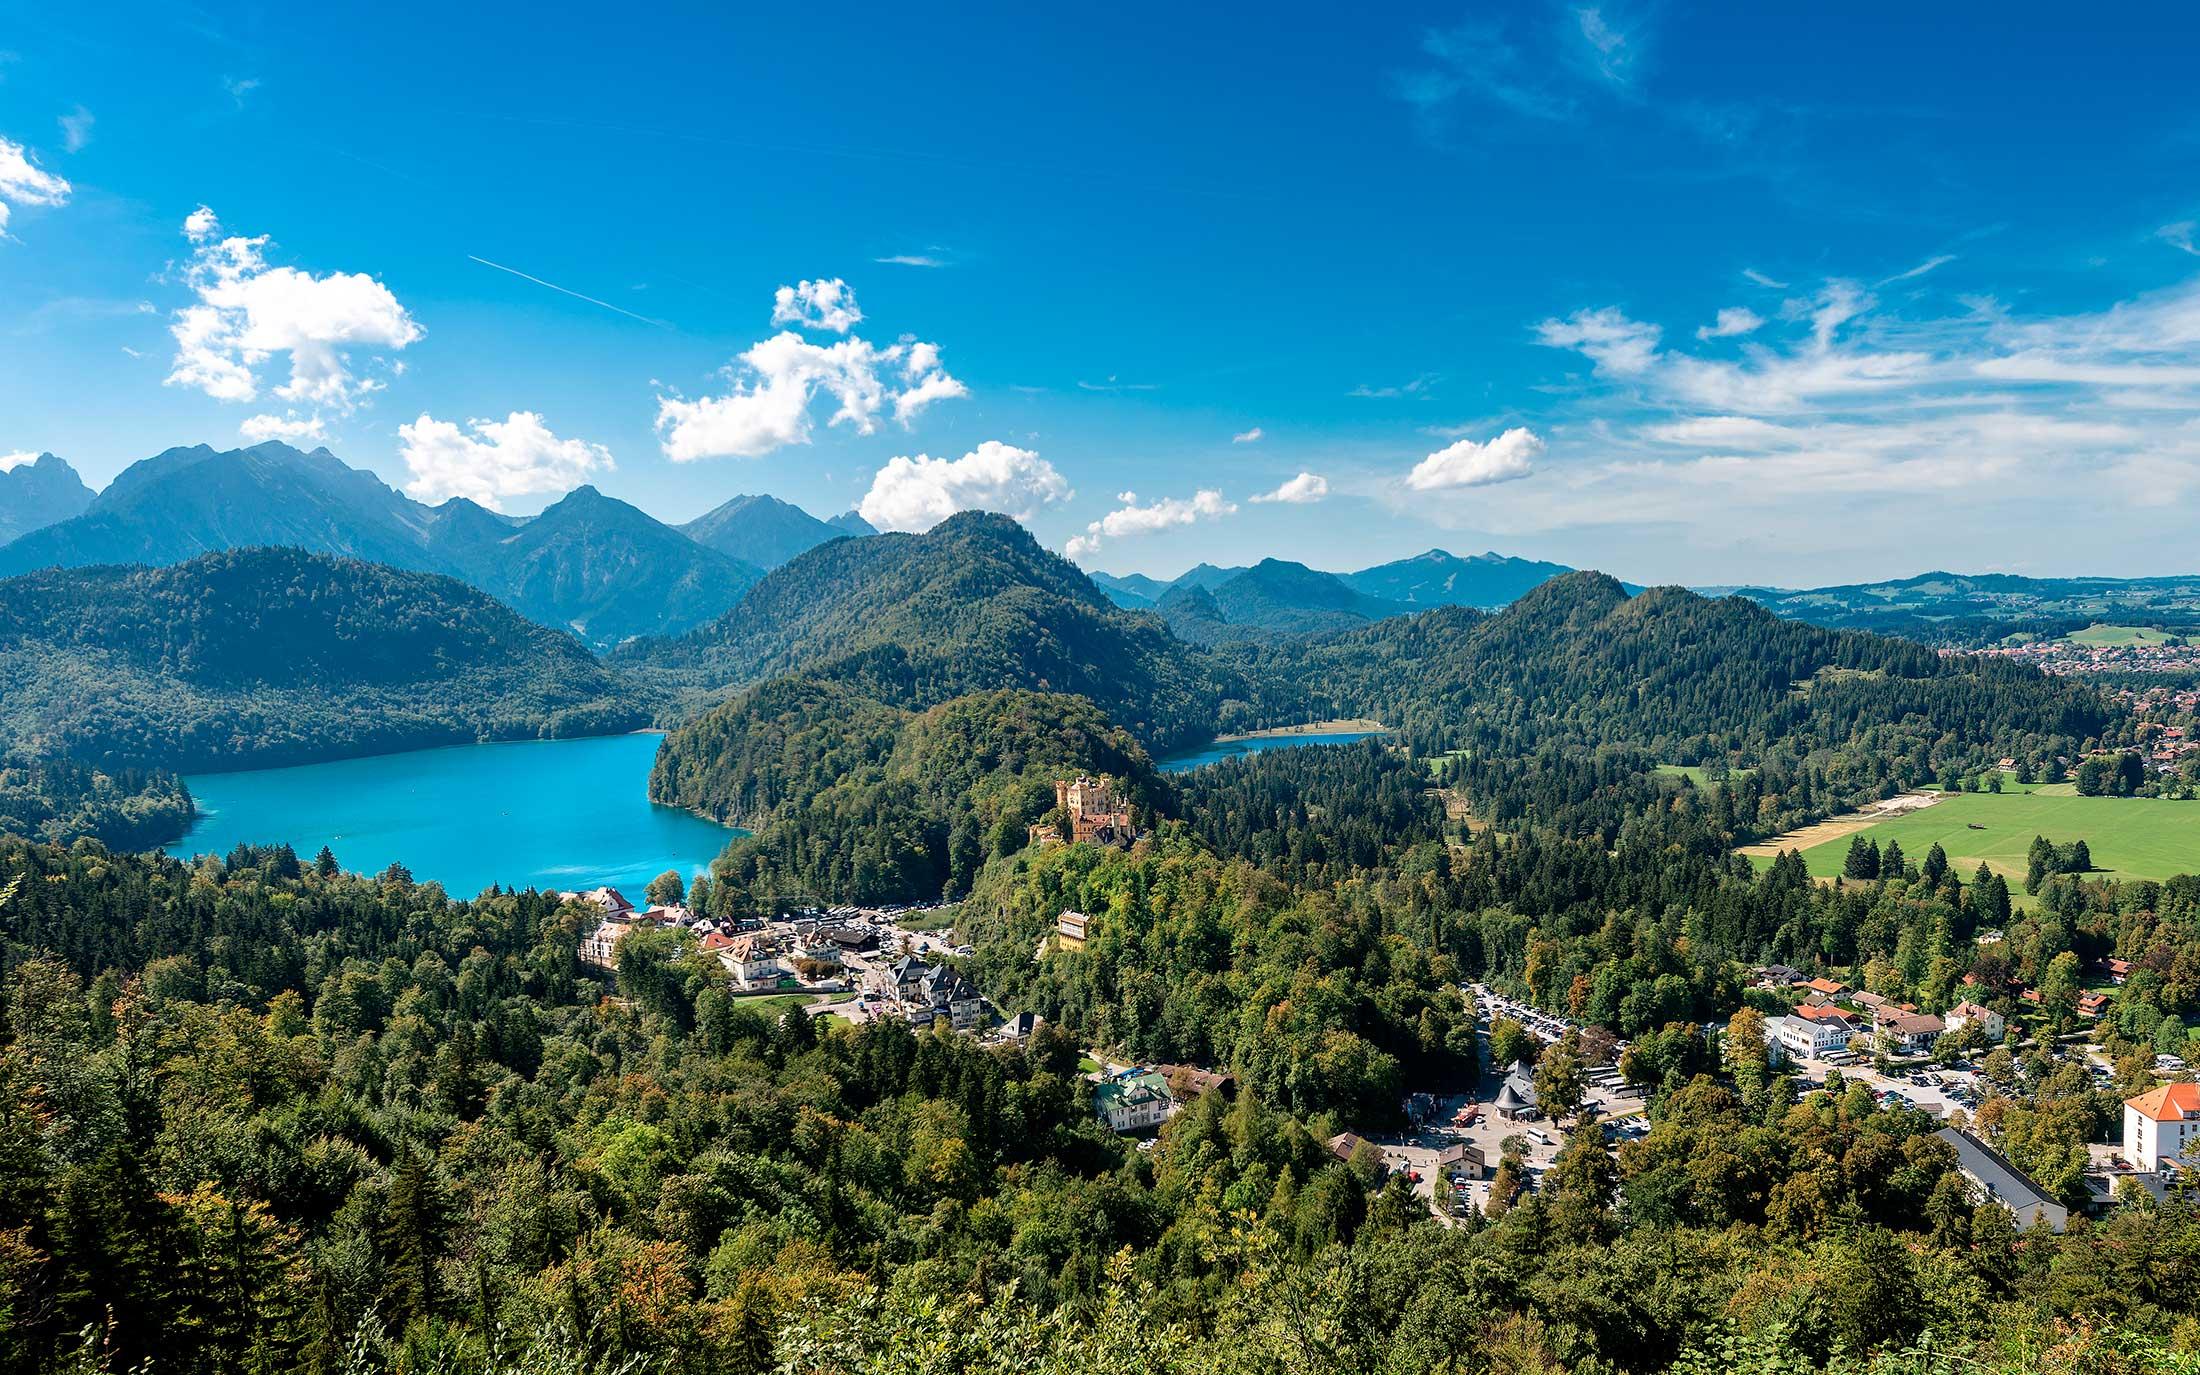 Oberbayern Panoramasicht steht symbolisch für die MCP Global Immobilien Marktkompetenz